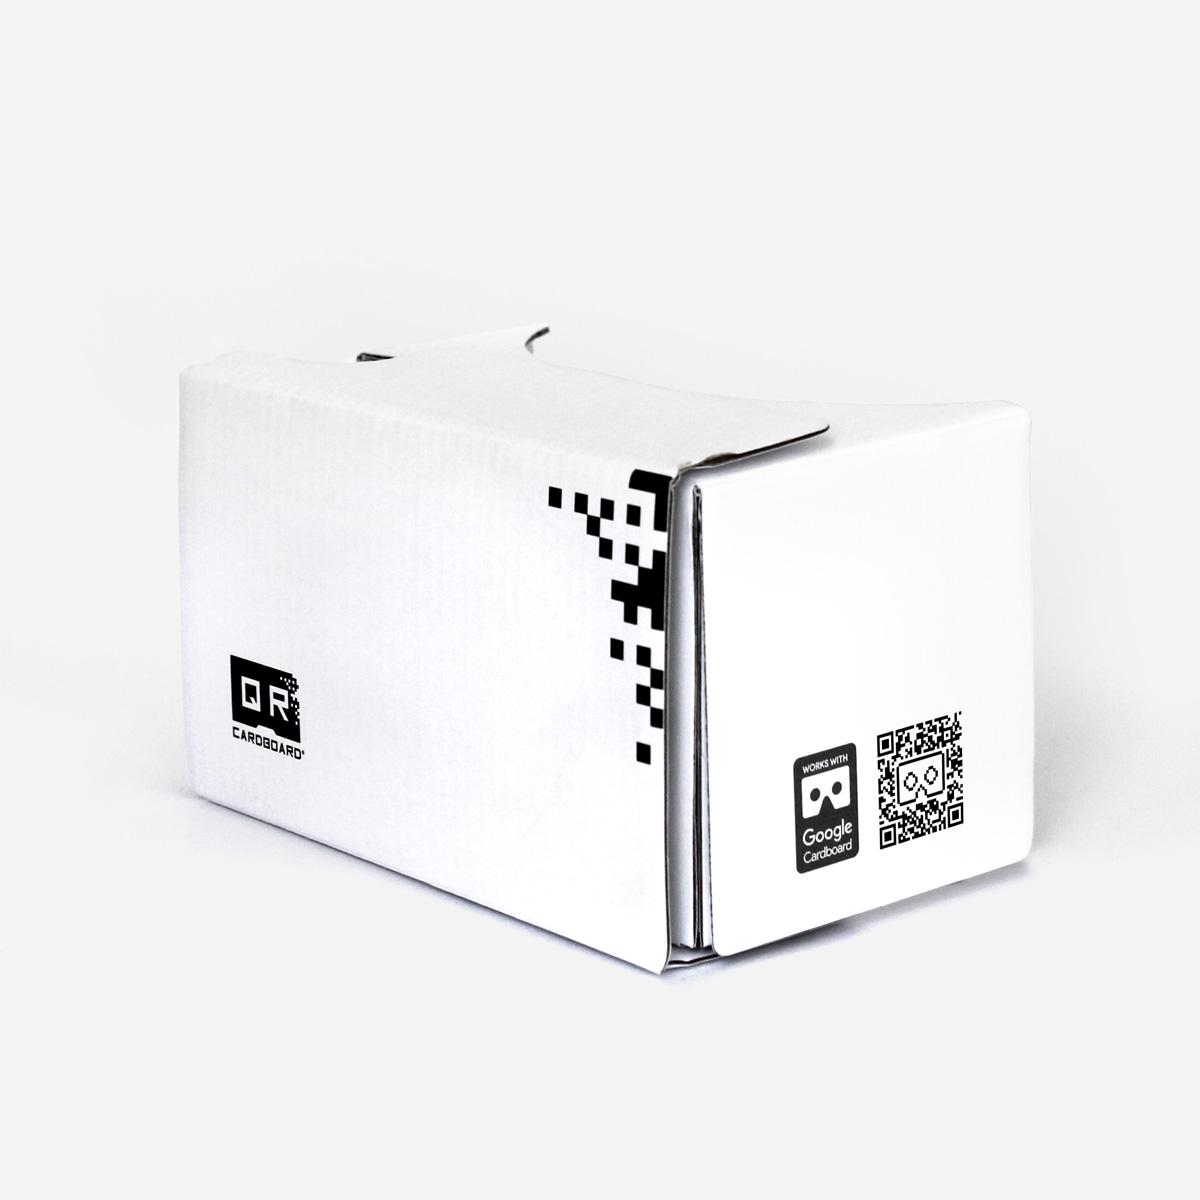 white qr cardboard v2. Black Bedroom Furniture Sets. Home Design Ideas